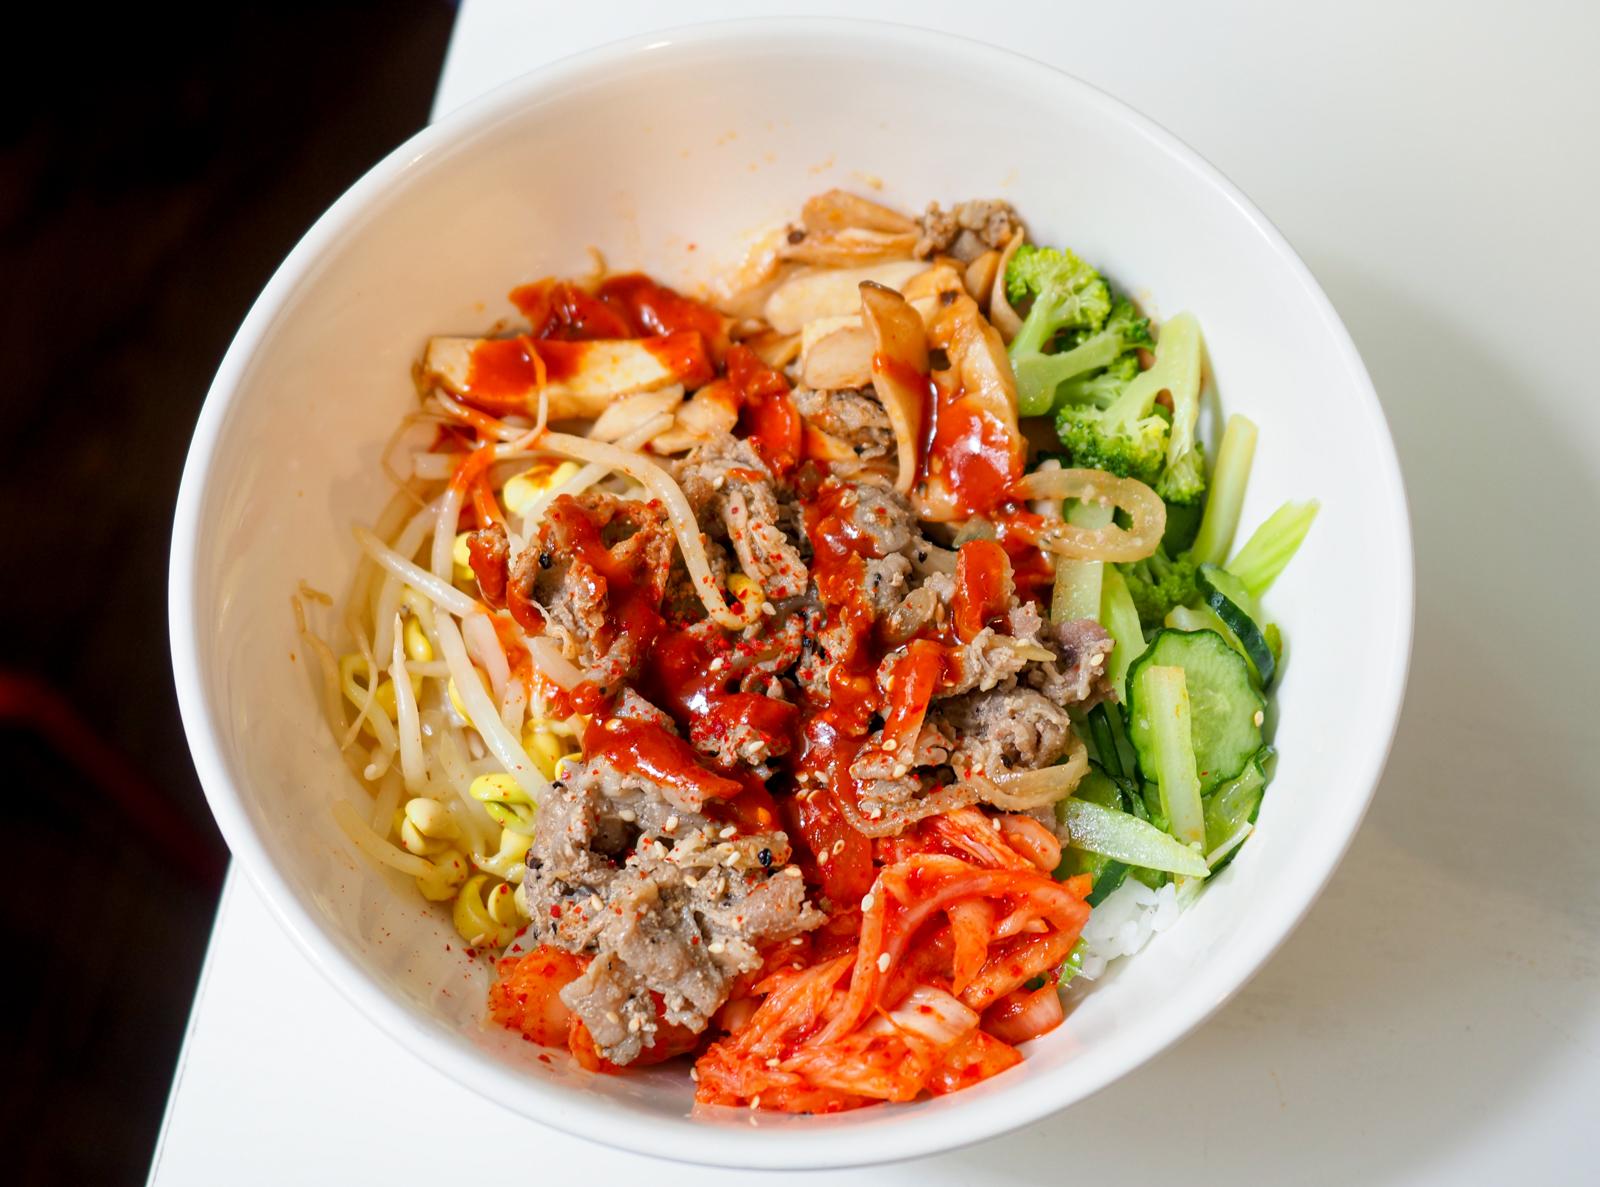 【古亭站美食】韓式拌飯小菜館 台北市內百元有找的韓式拌飯 4.5分高評價只賣中午